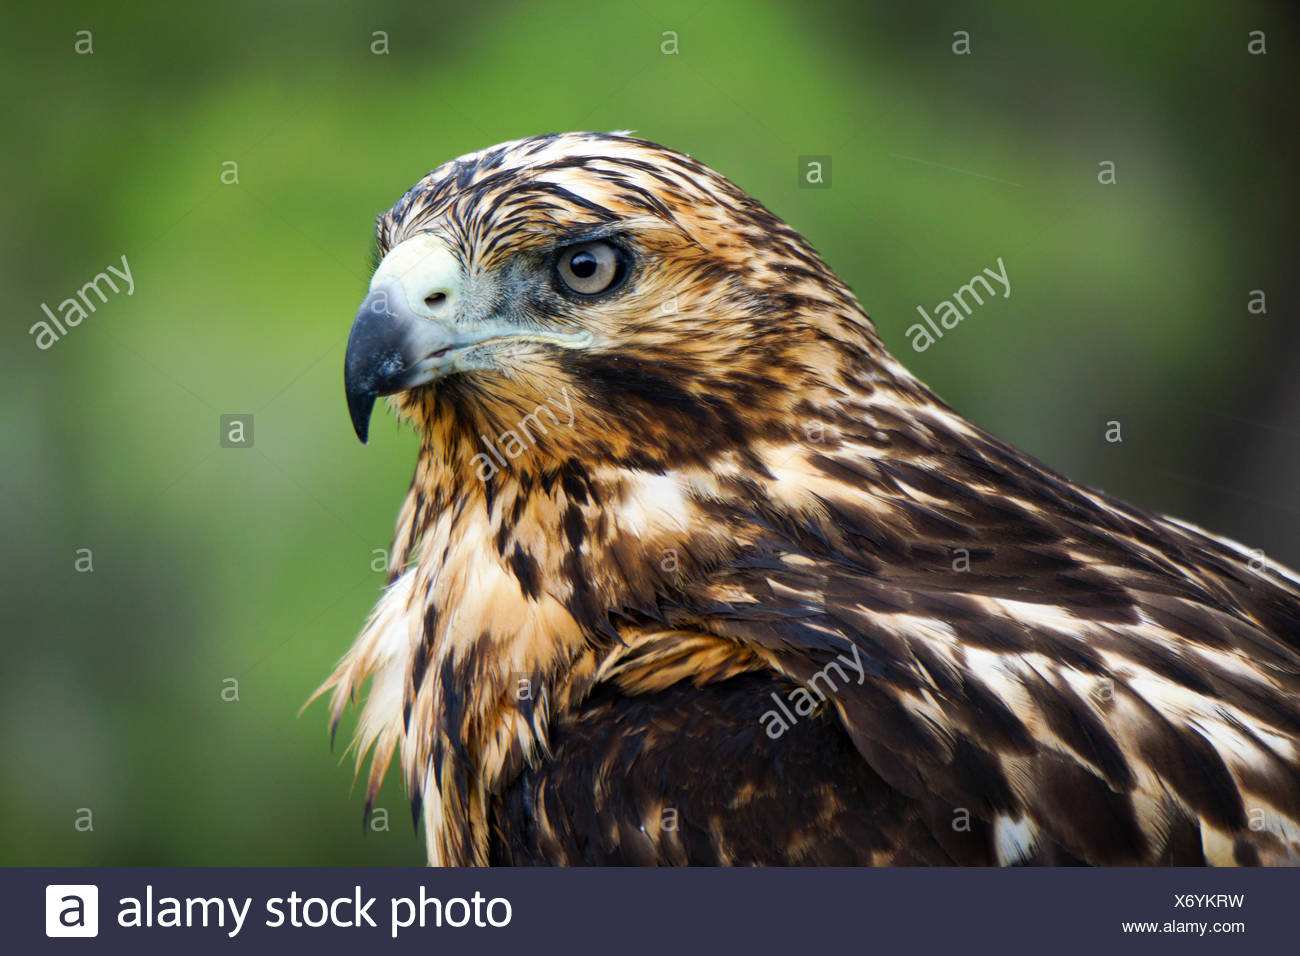 Galapagos-Falke (Buteo Galapagoensis) auf einem Felsen. Dieser Raubvogel stammt aus den Galapagos-Inseln, wo es ernährt sich von einer Breite v Stockbild